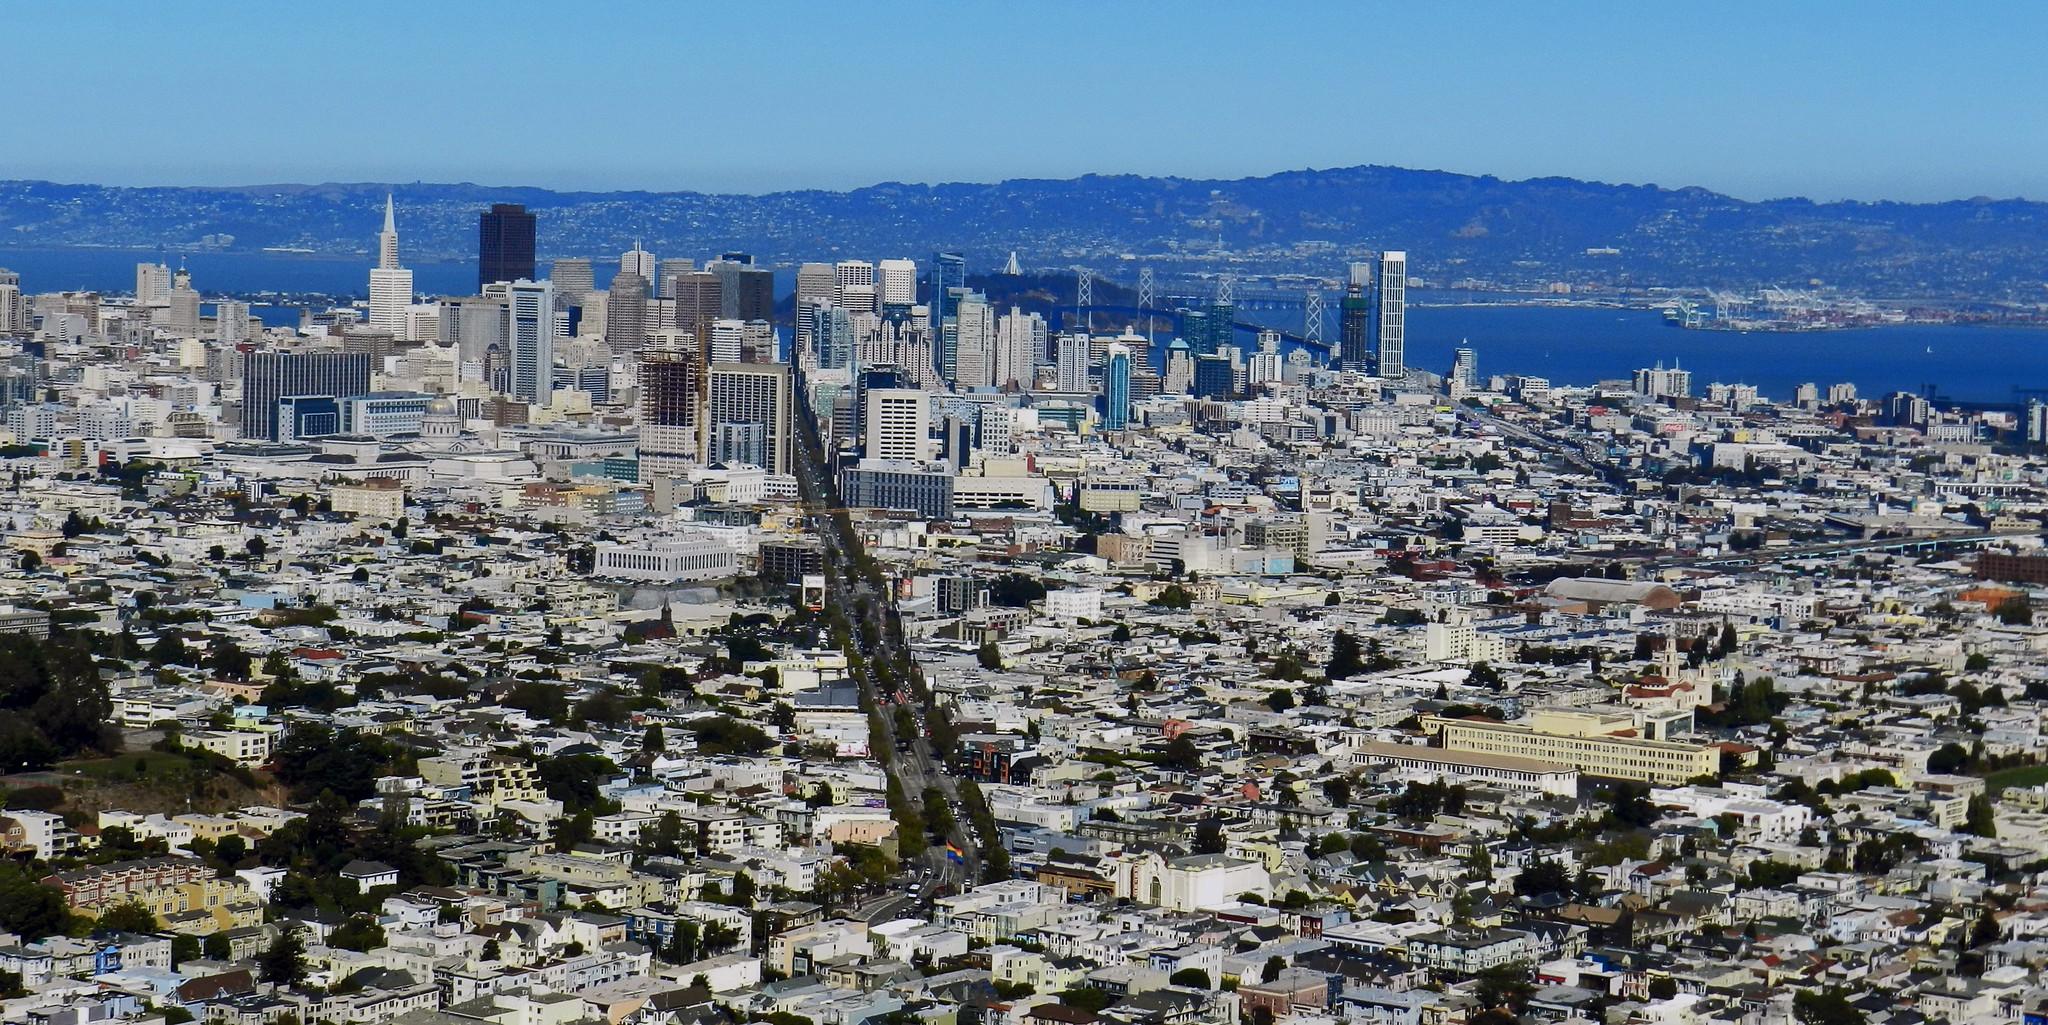 Mirador de Twin Peaks vista de Market Street y Puente de la Bahia San Francisco California EEUU